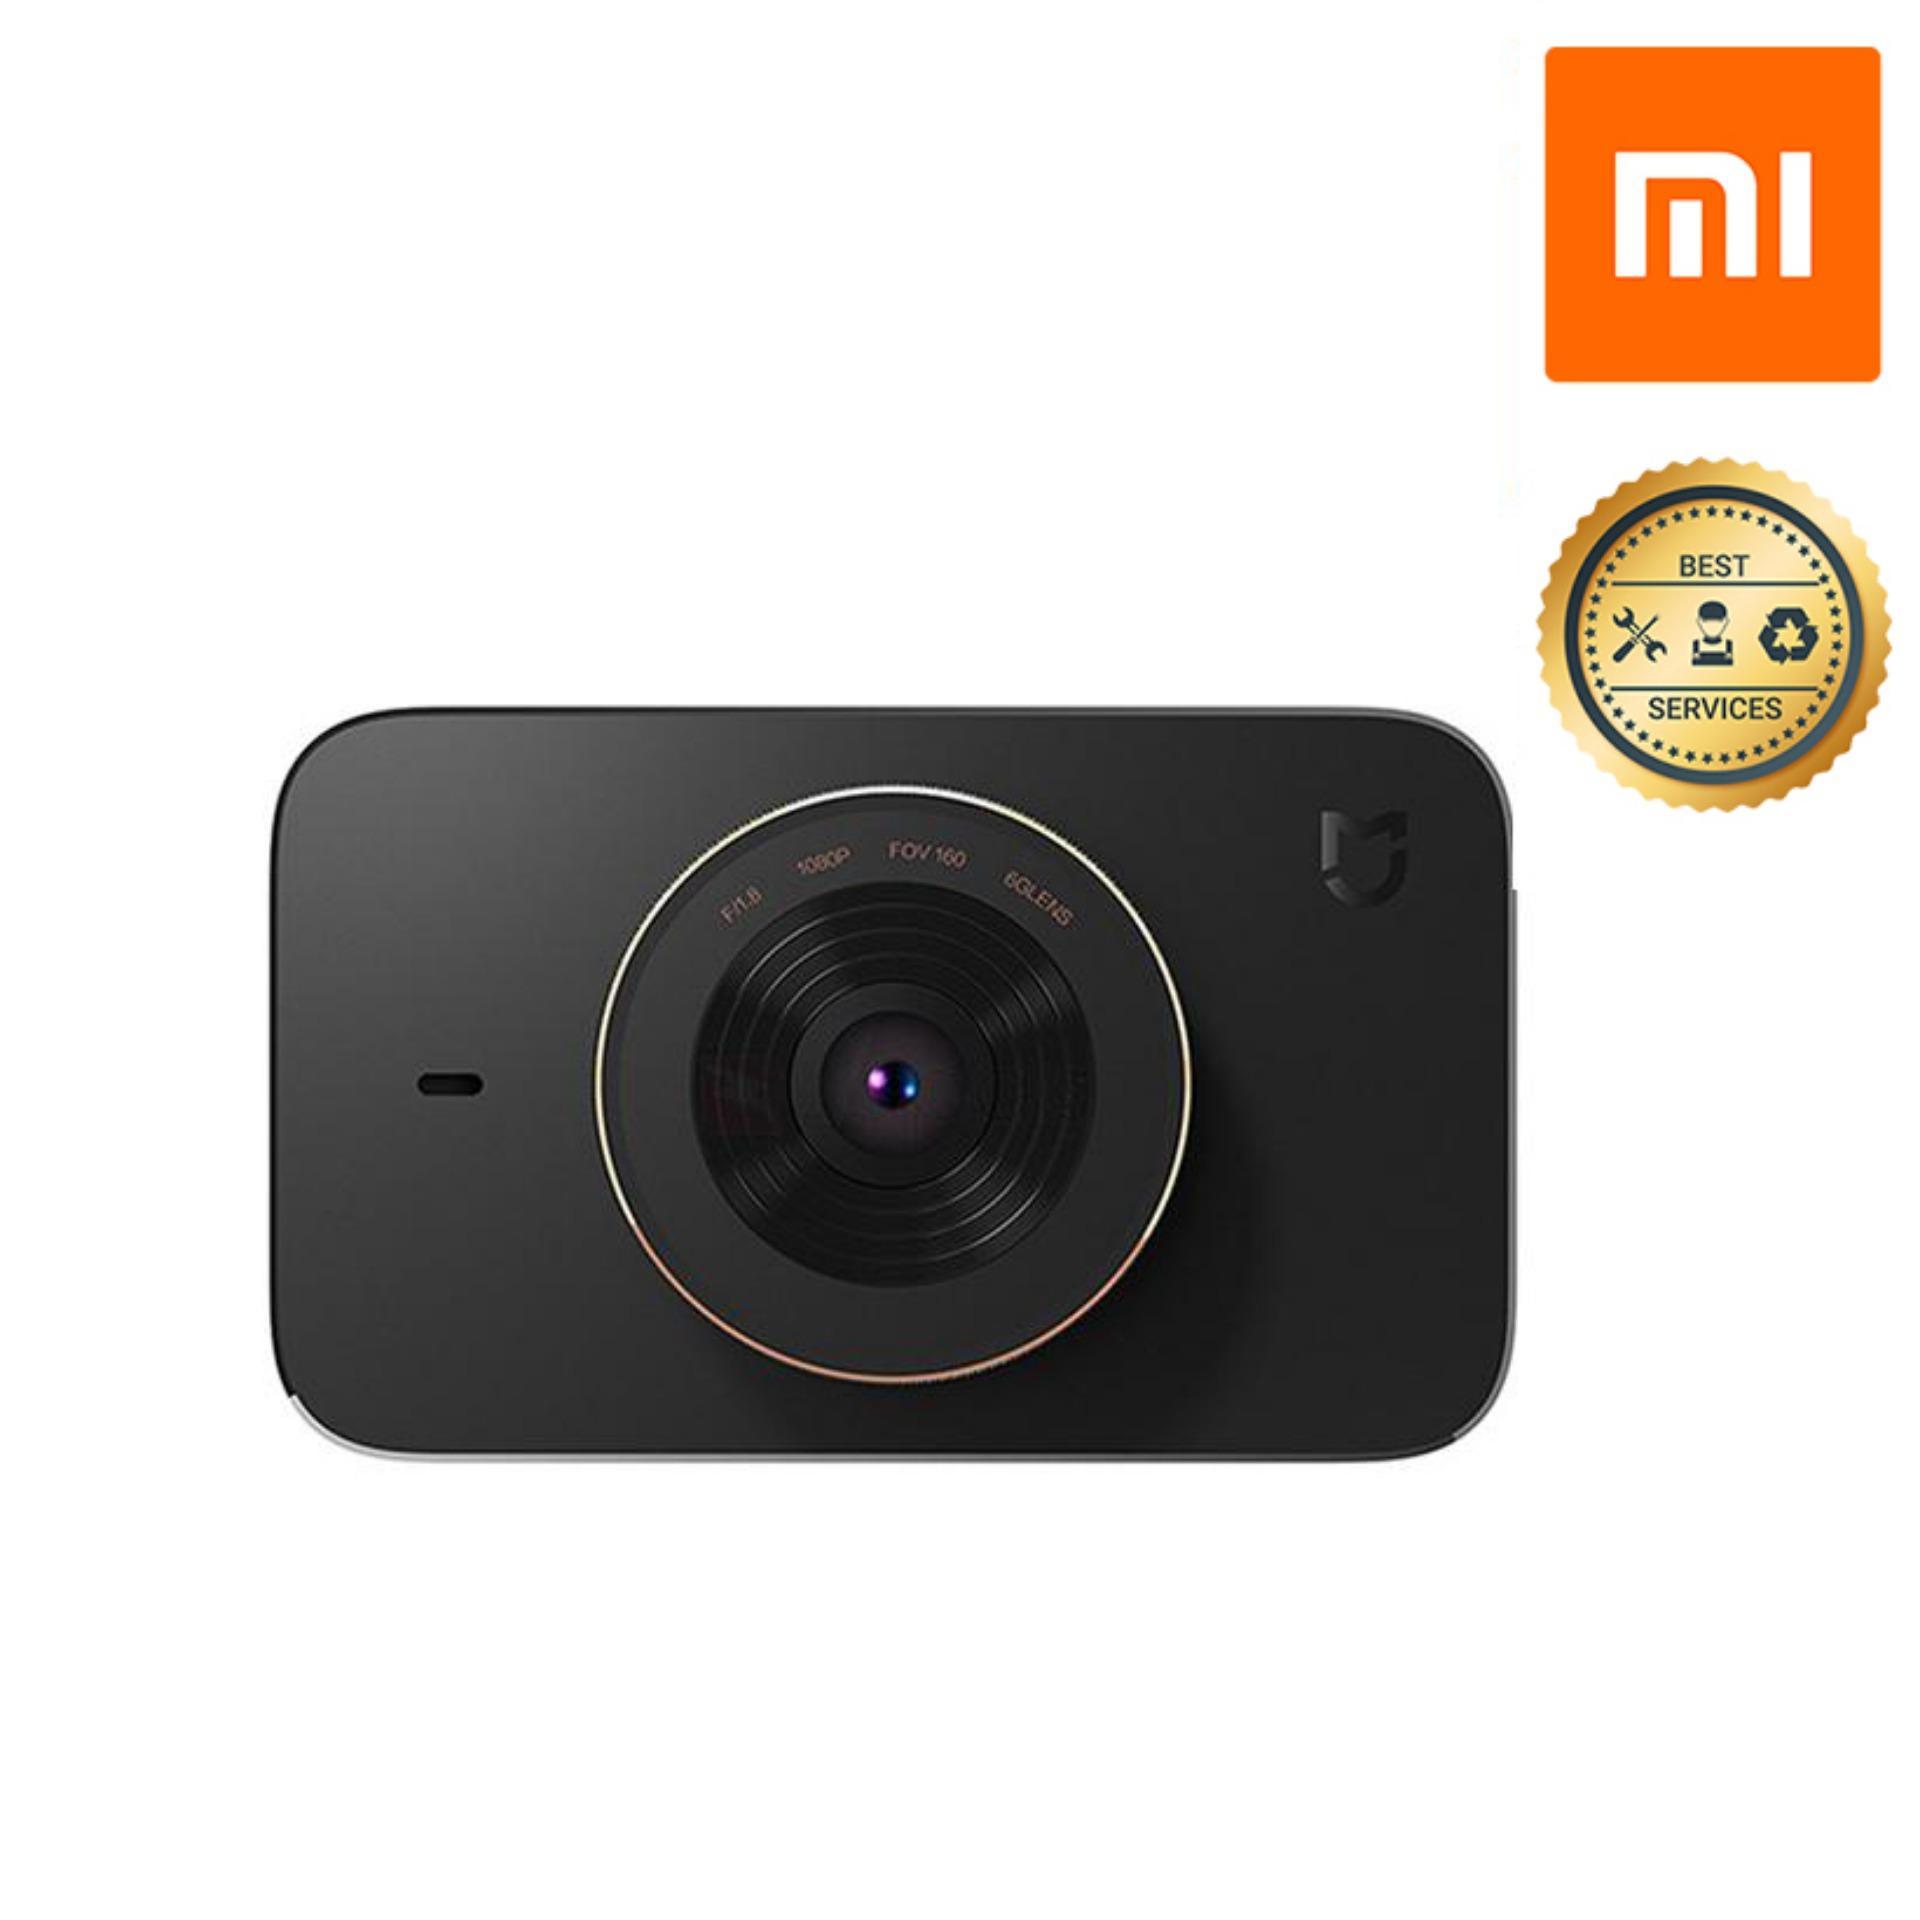 Camera hành trình Xiaomi Mi Dashcam Mijia Car DVR 1080P Quốc Tế Góc rộng 160 độ Full HD - Hàng Chính Hãng